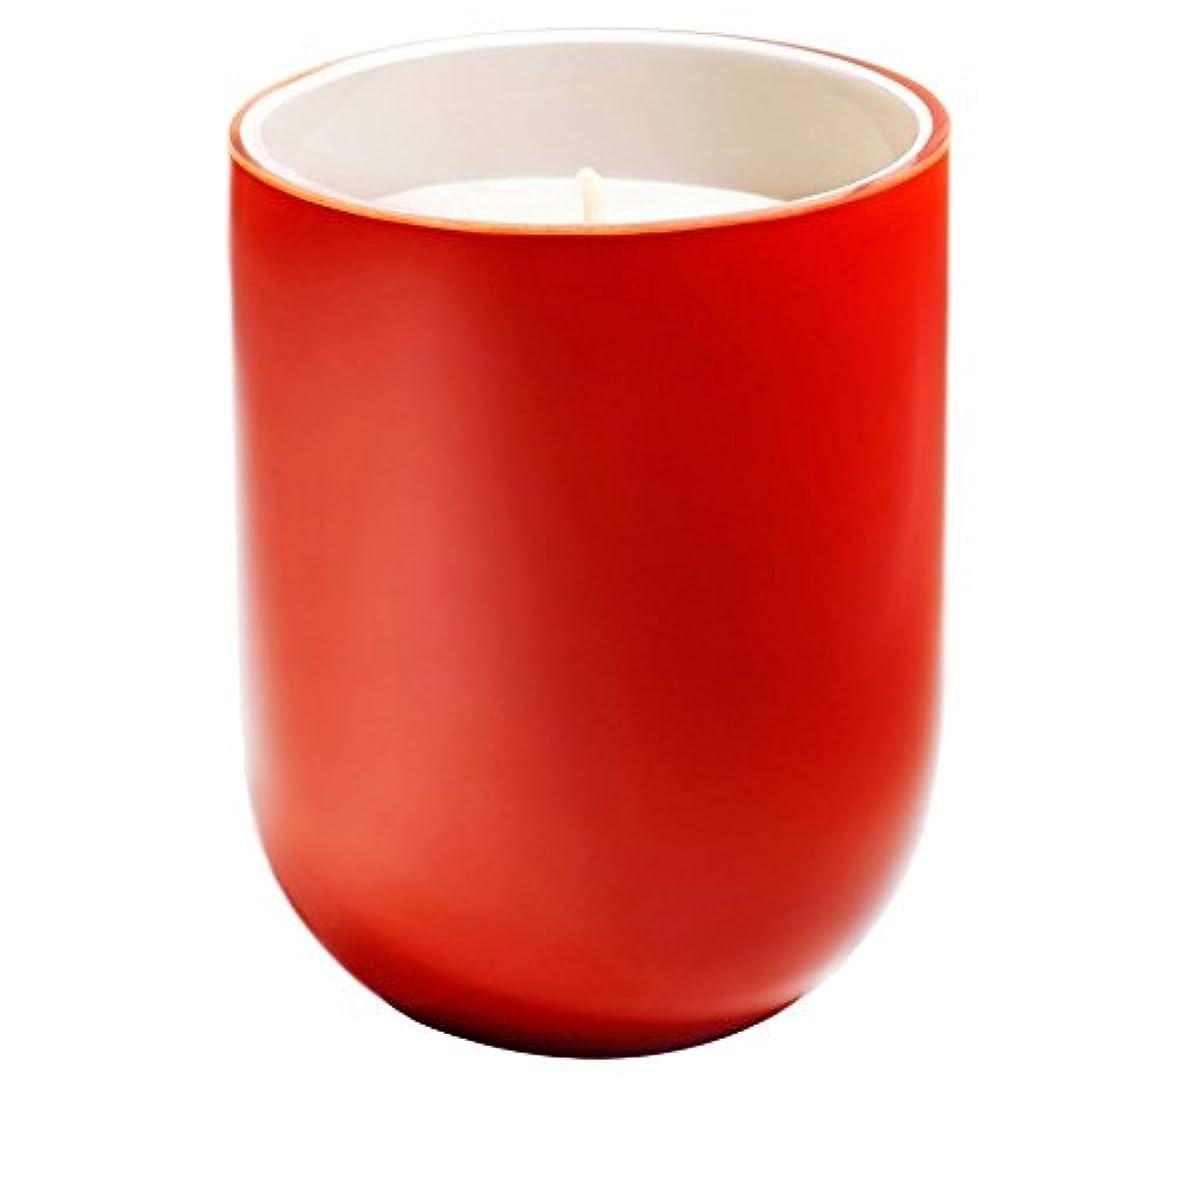 華氏キャスト北へFrederic Malle Un Gard?nia La Nuit Scented Candle (Pack of 2) - フレデリック?マル国連ガーデニア?ラ?ニュイ香りのキャンドル x2 [並行輸入品]